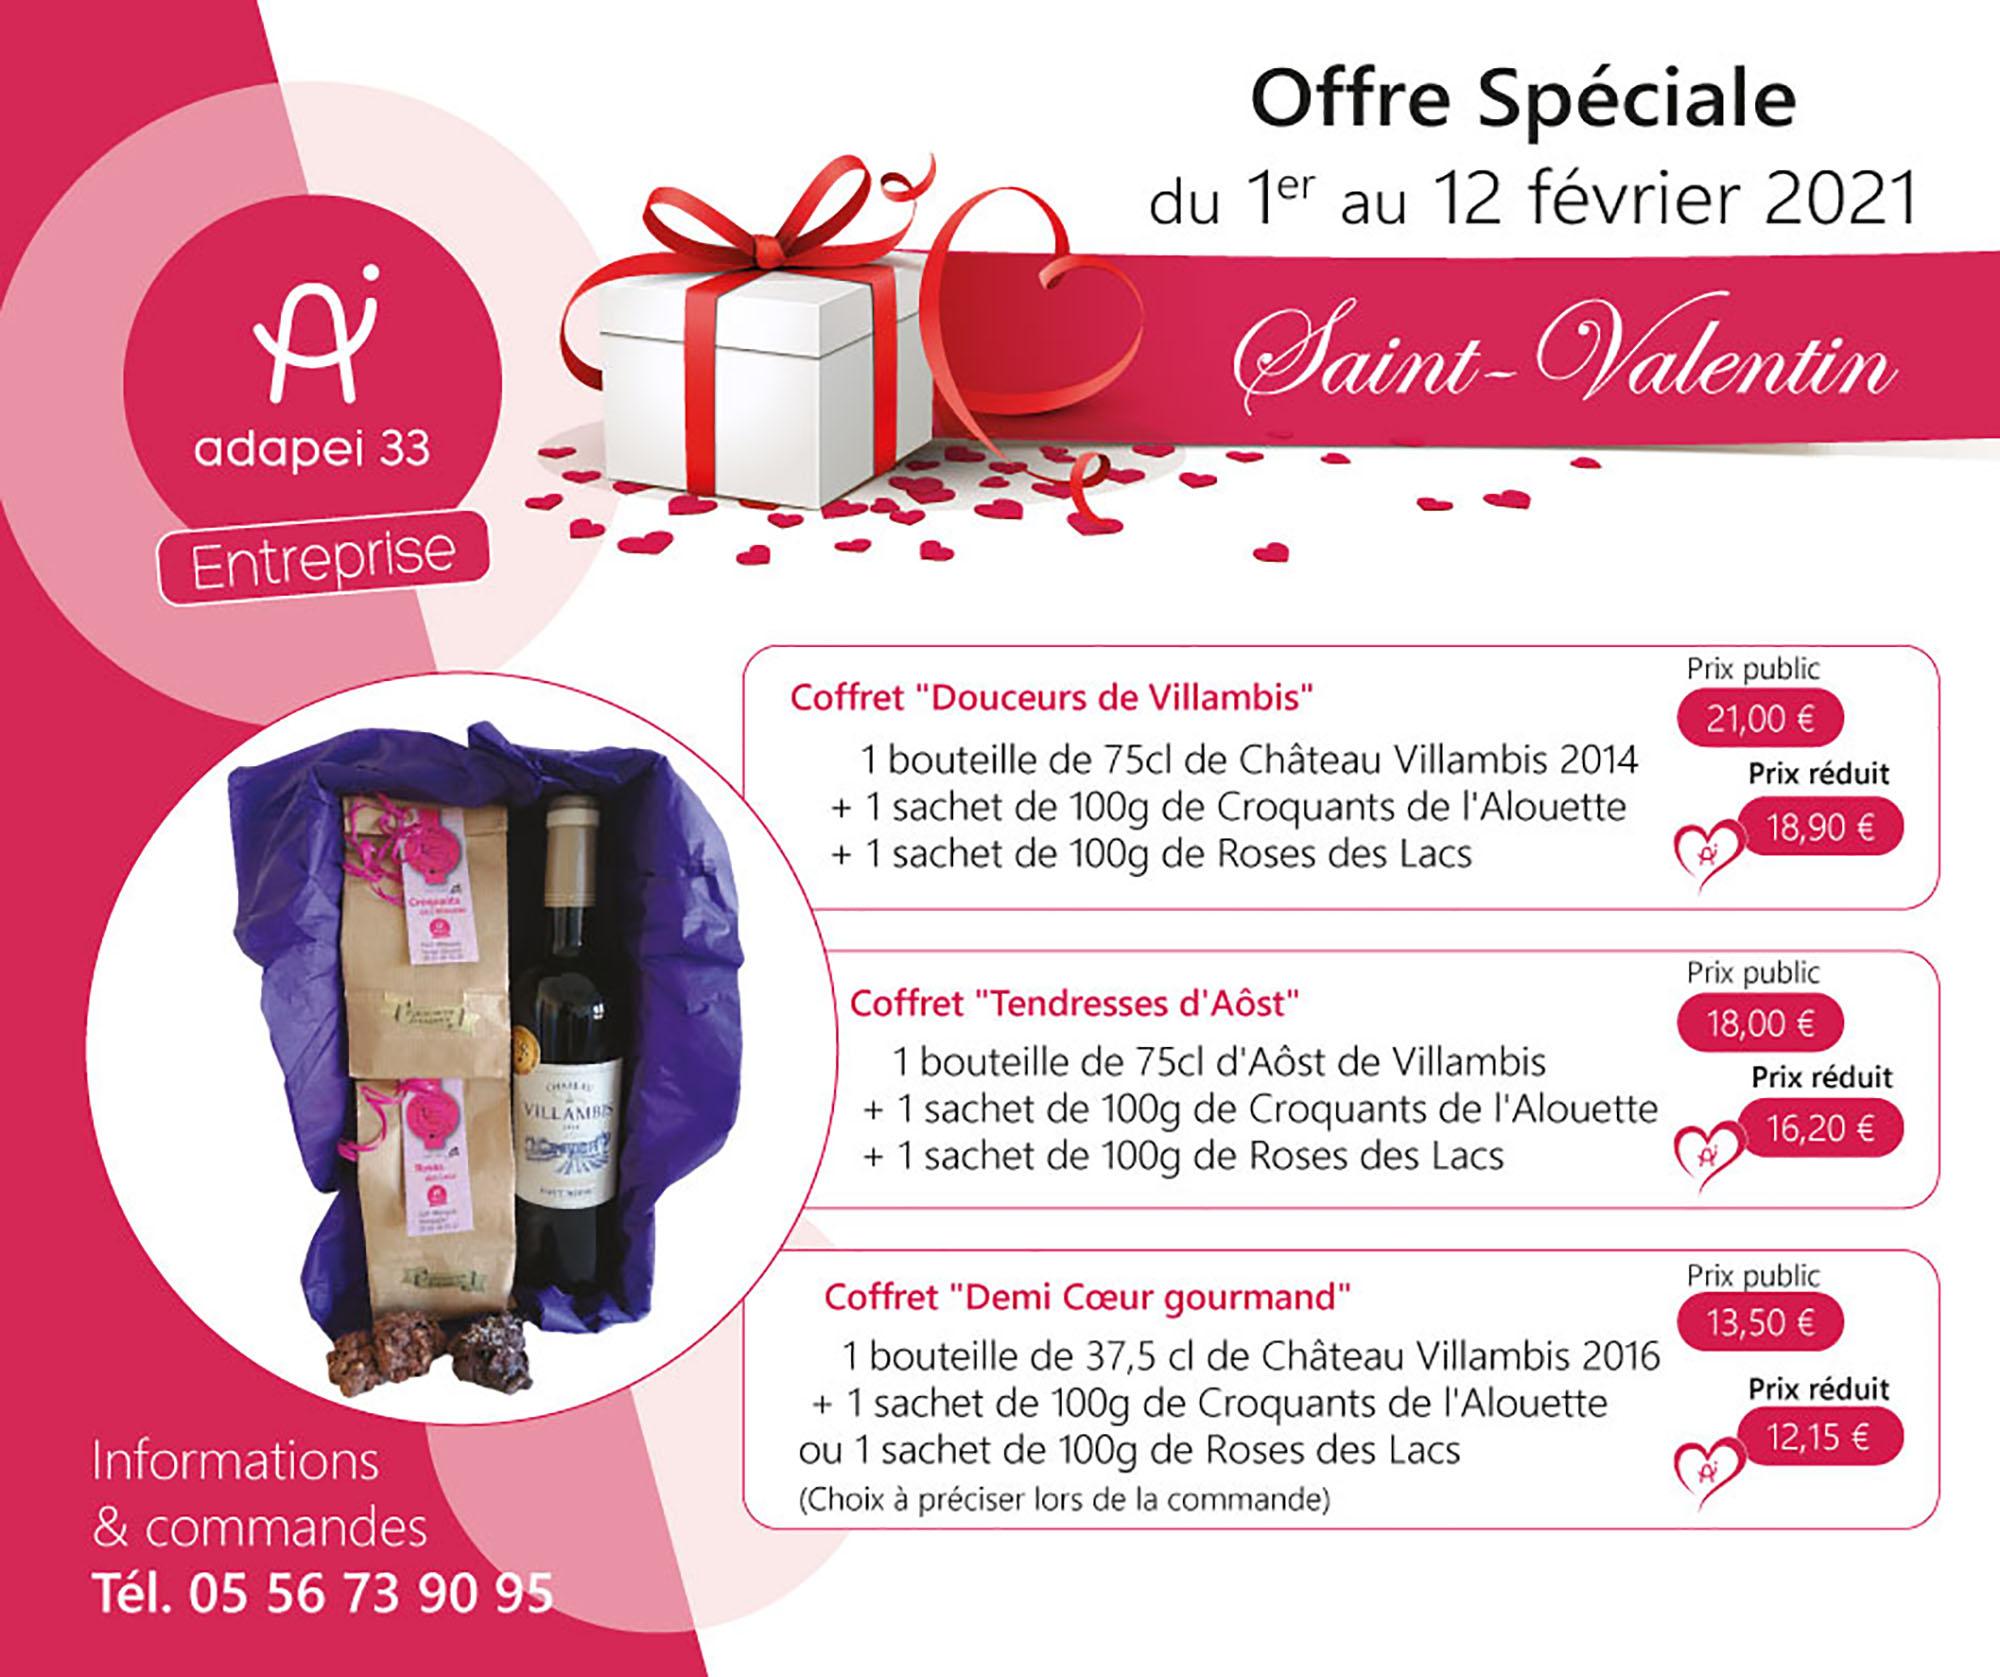 Offre spéciale Saint-Valentin